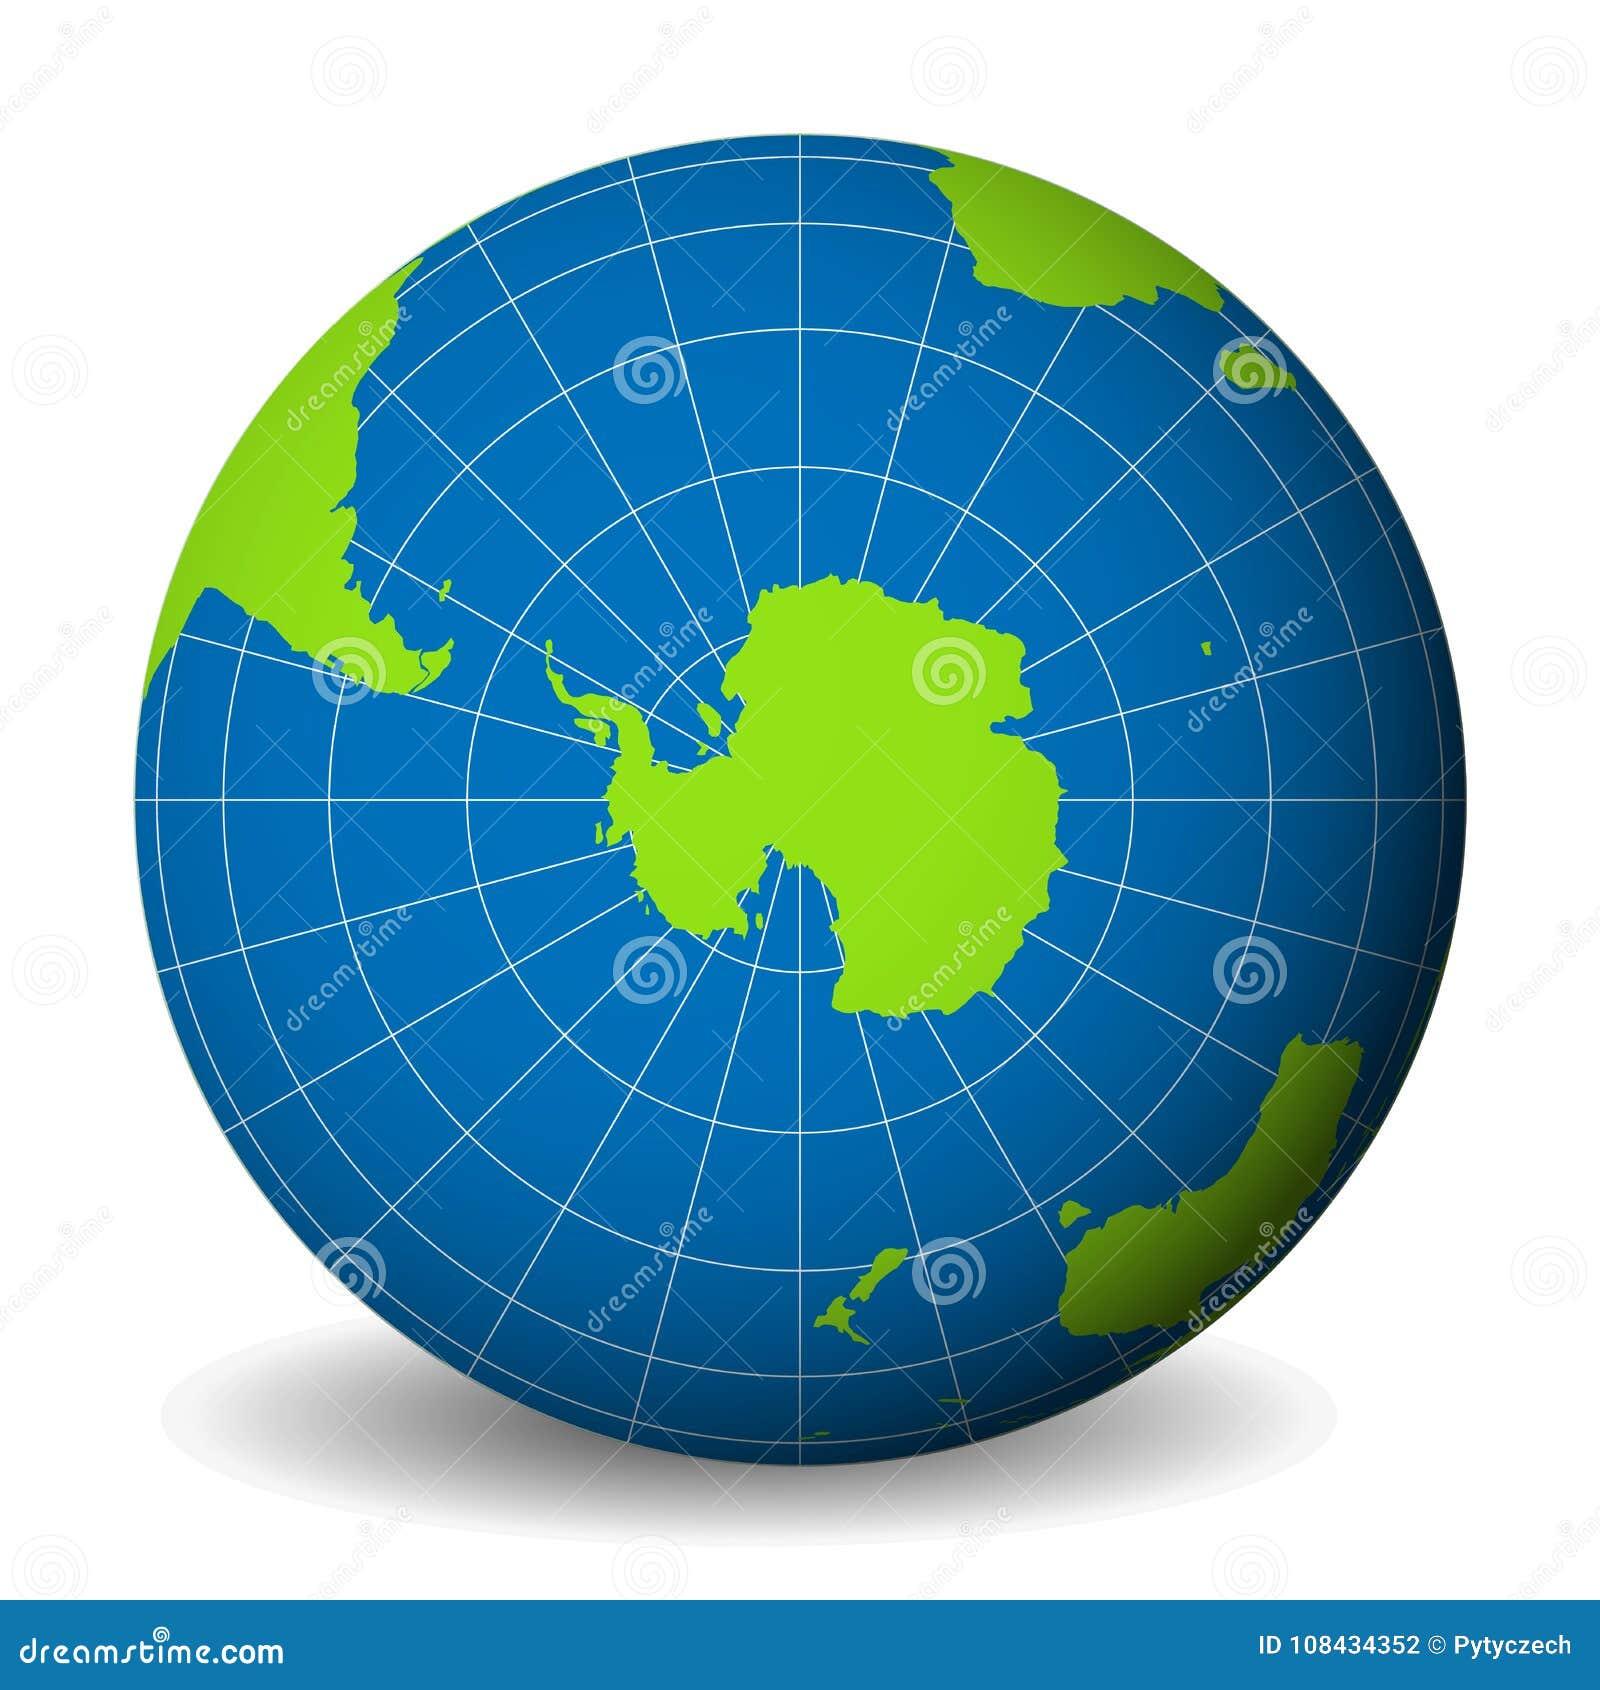 Η γήινη σφαίρα με τον πράσινο παγκόσμιο χάρτη και τις μπλε θάλασσες και τους ωκεανούς εστίασε στην Ανταρκτική με νότιο Πολωνό Με